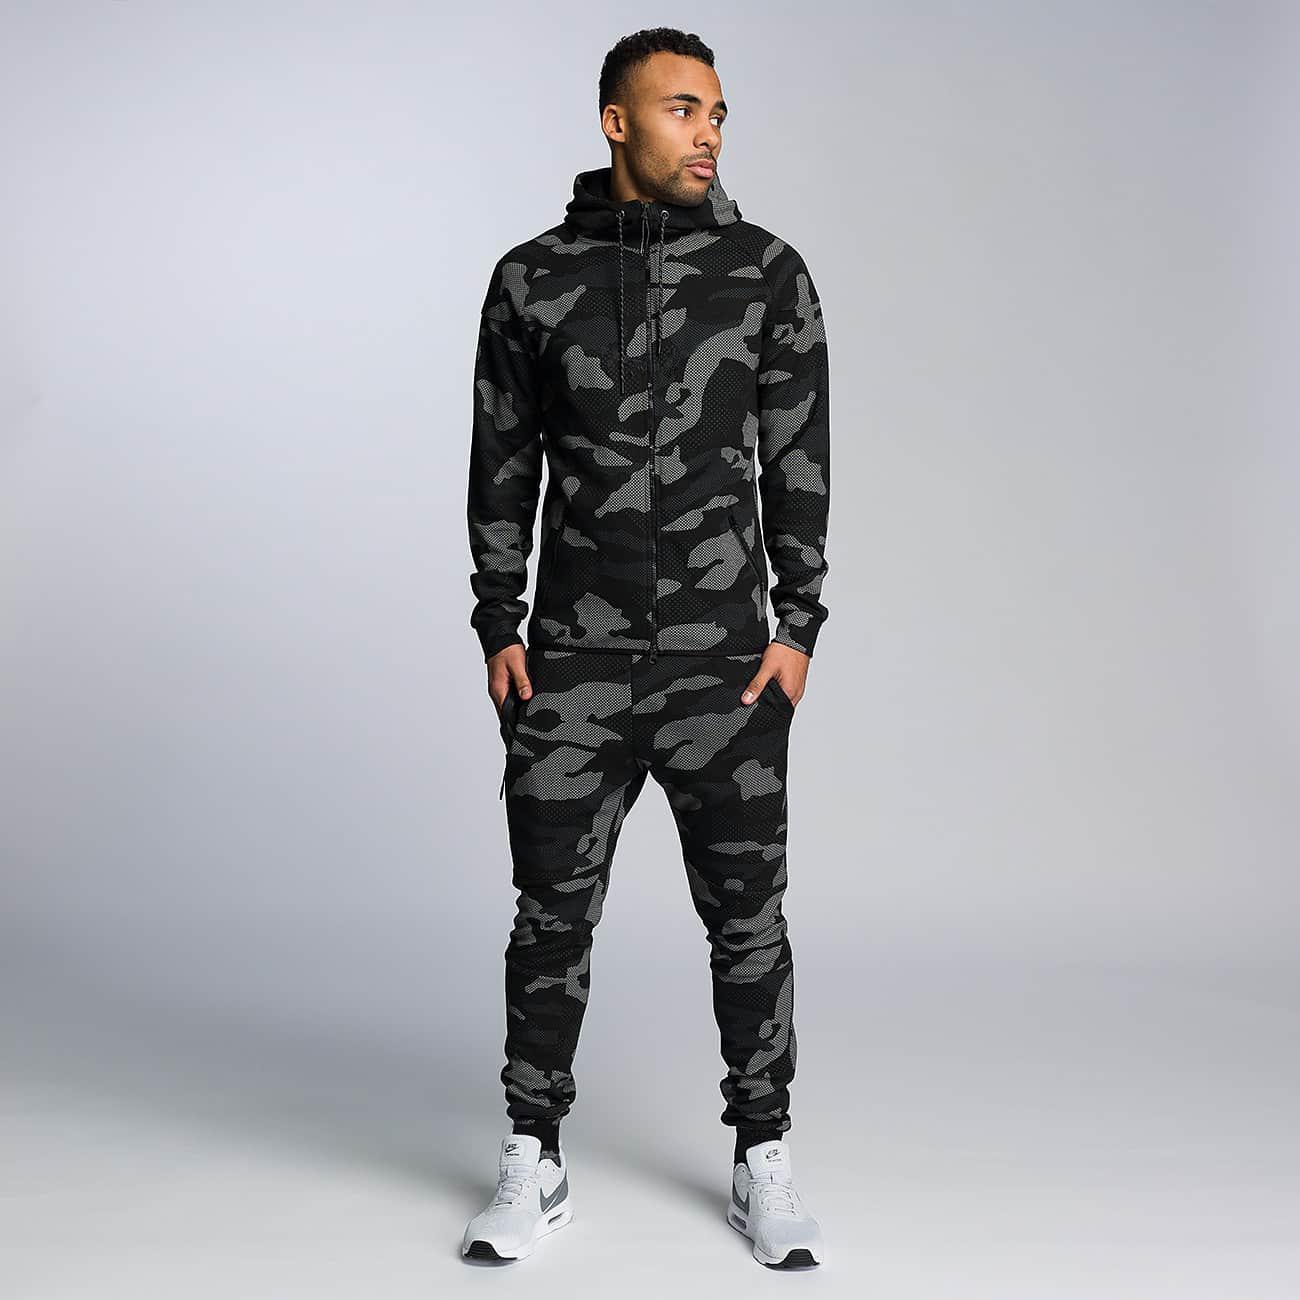 2cead8e95436 Спортивные костюмы – купить недорого   zirano - мужская одежда оптом